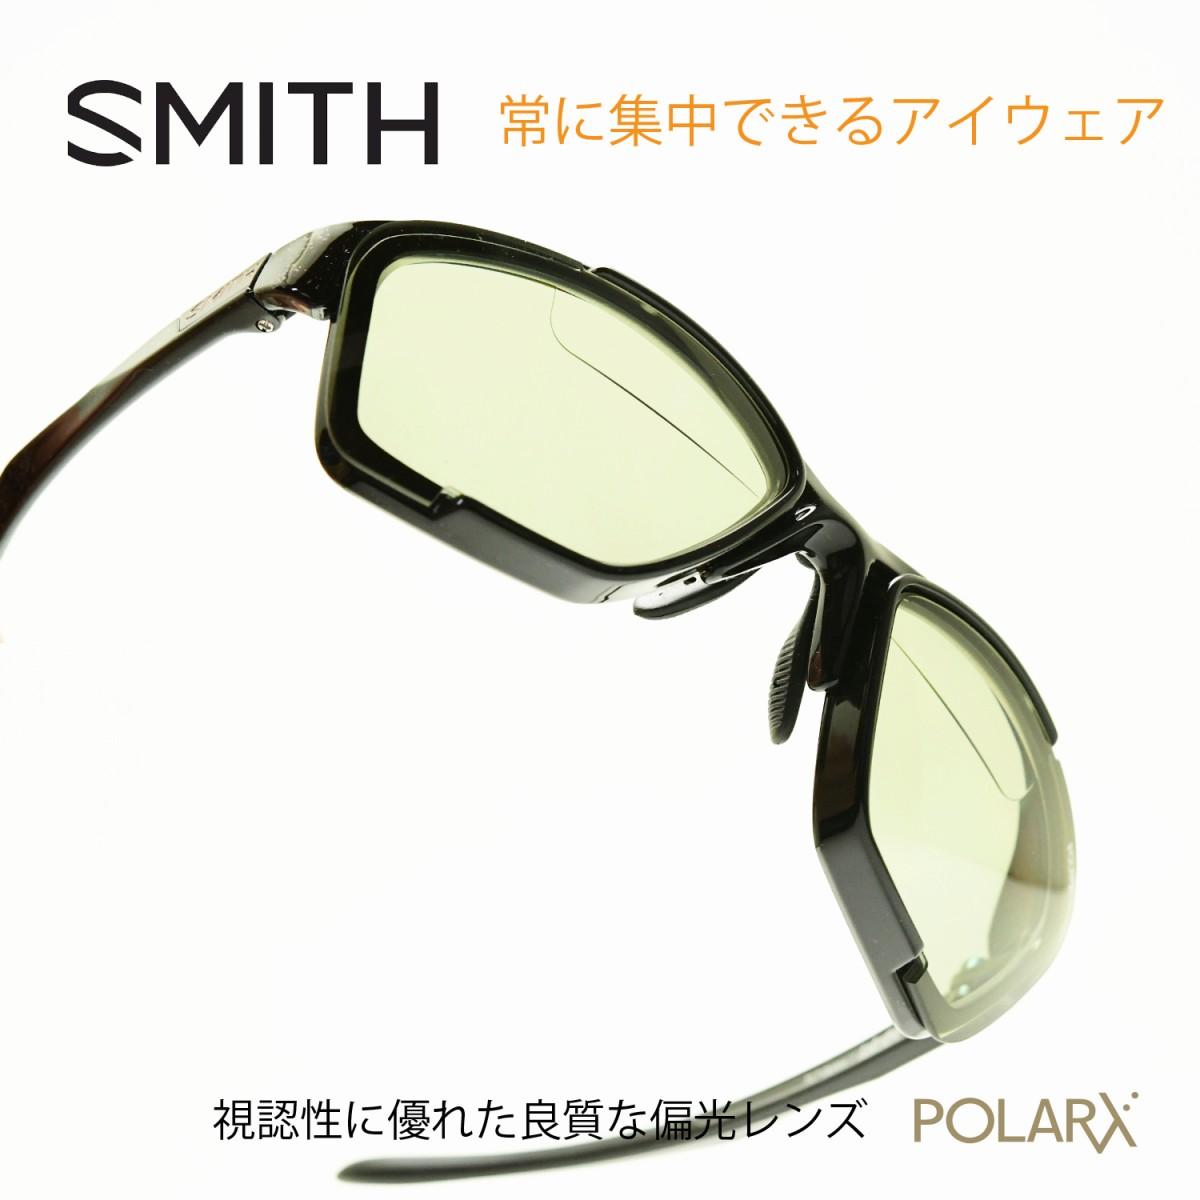 保障できる SMITH スミスTake Five Switch ReadingBLACK/X-Light Green37加入度:+2.00メガネ 眼鏡 めがね メンズ レディース おしゃれ ブランド 人気 おすすめ フレーム 流行り 度付き レンズ サングラス スポーツ 偏光 老眼鏡 上平, 家具通販のグランデ 855fb976